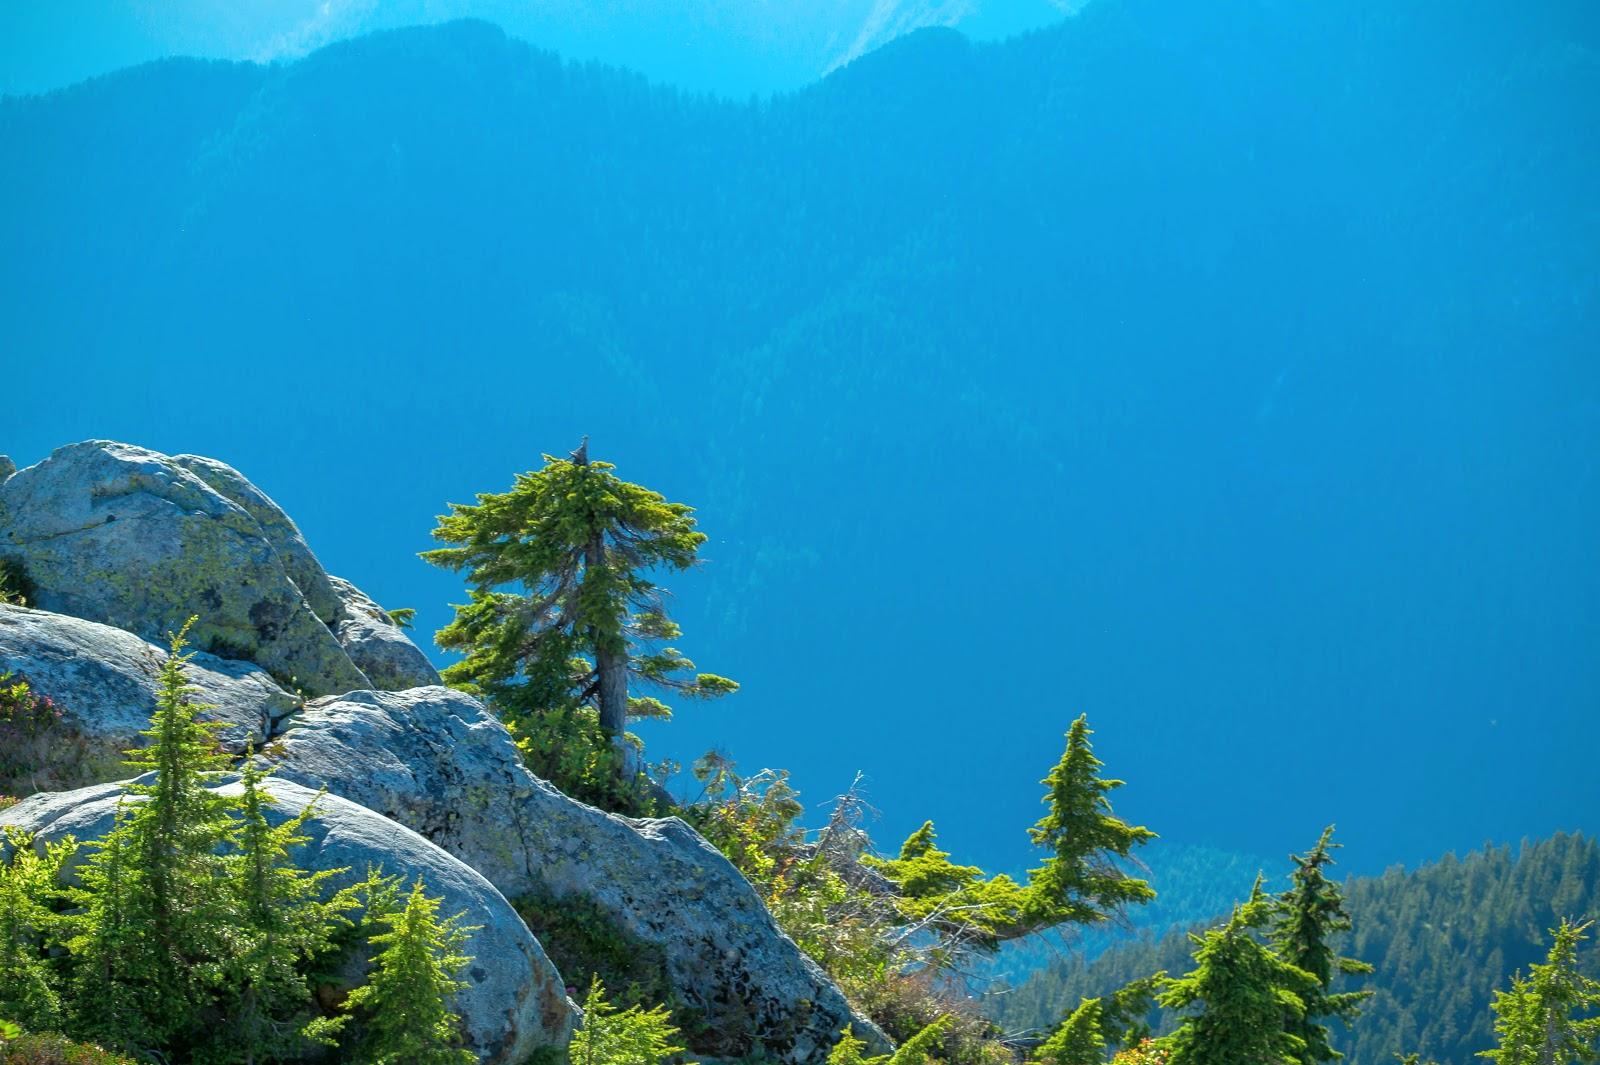 Горы на севере благодаря дымке окрашены в ярко синий цвет. На их фоне сочная зелень молодых альпийских елей выглядит ослепительно.